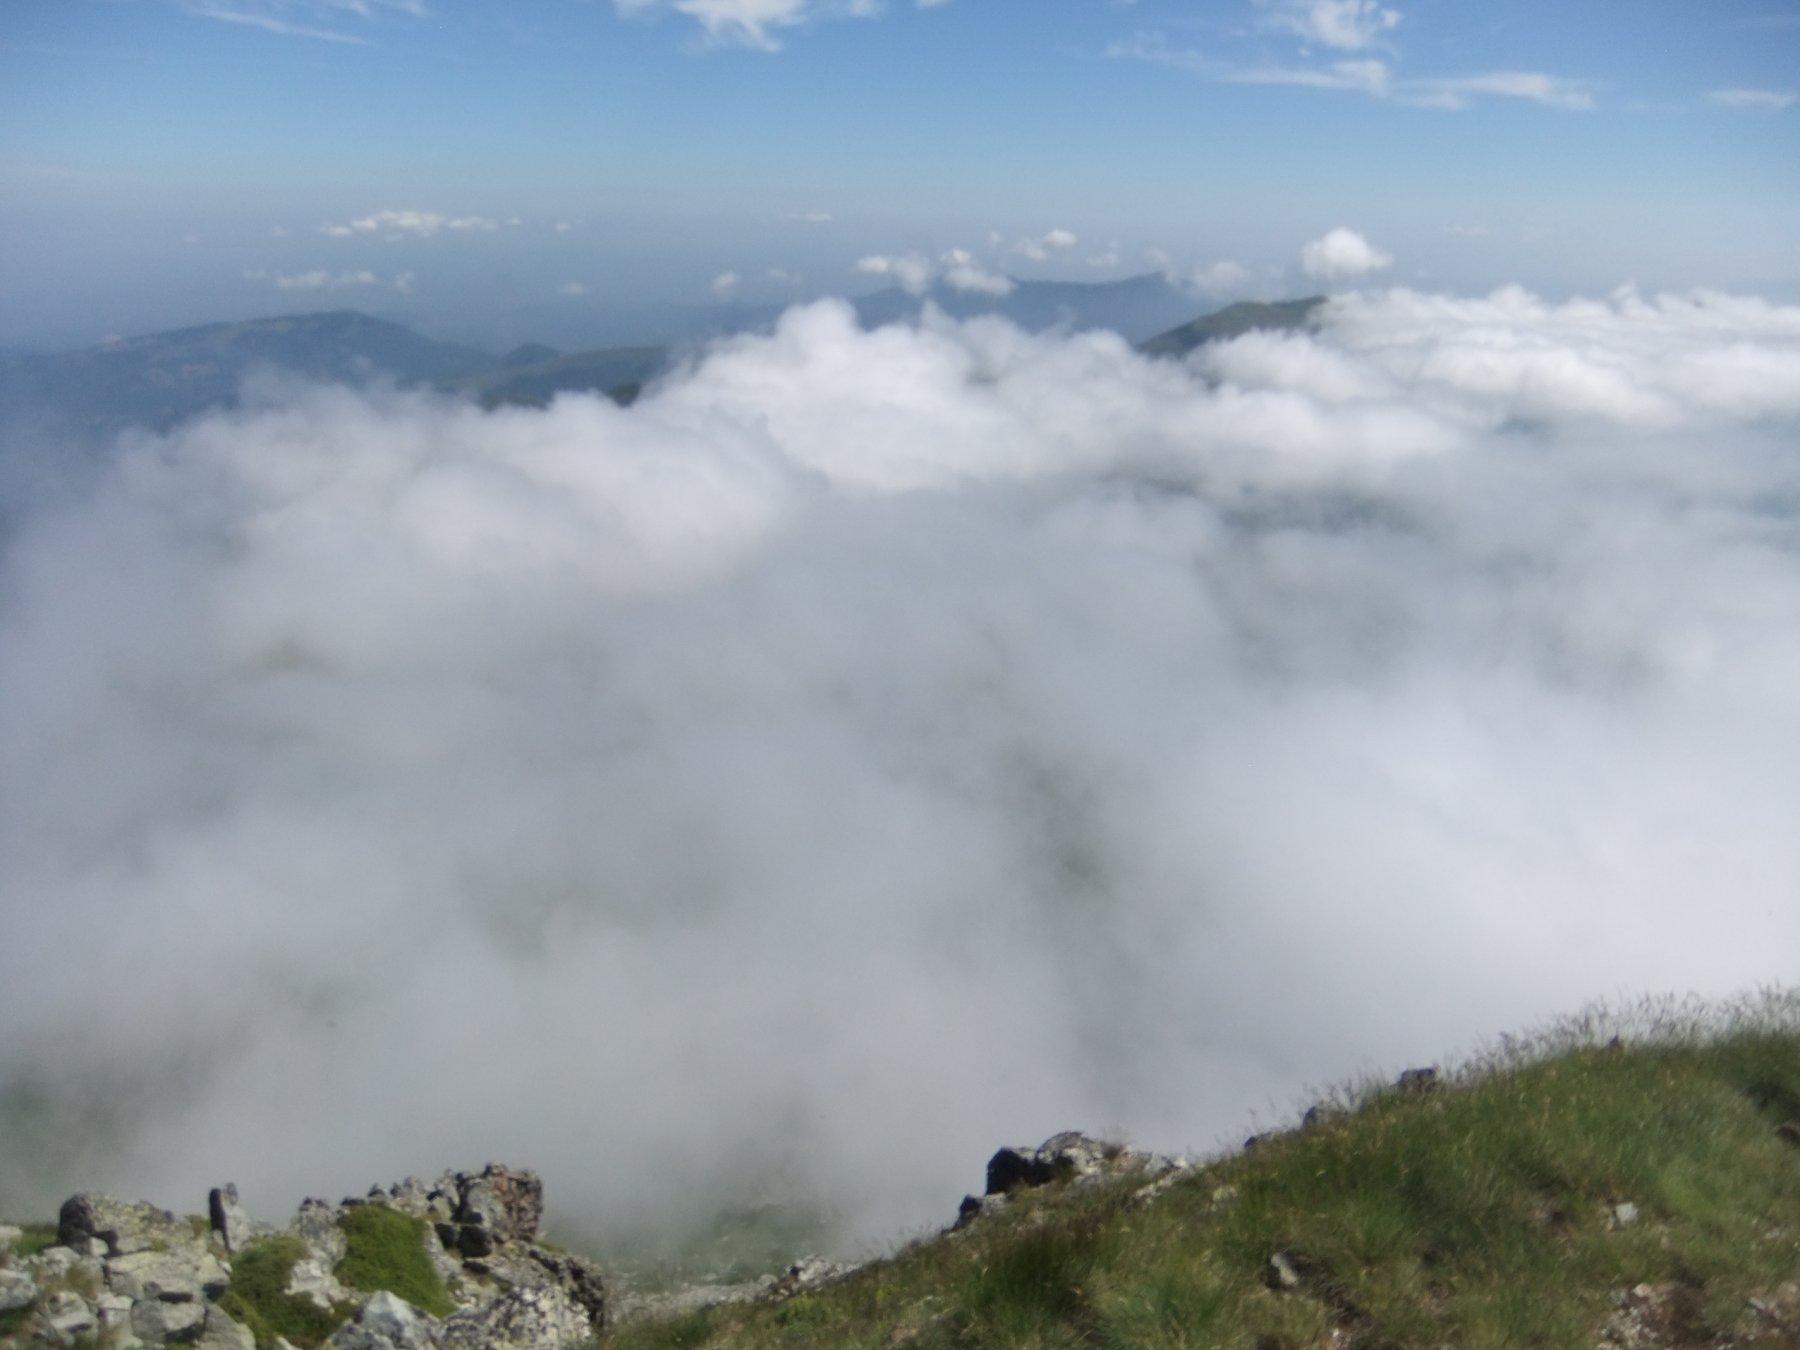 La nebbia avvolge la dorsale sino al Colle dei Termini , che devo percorrere ...